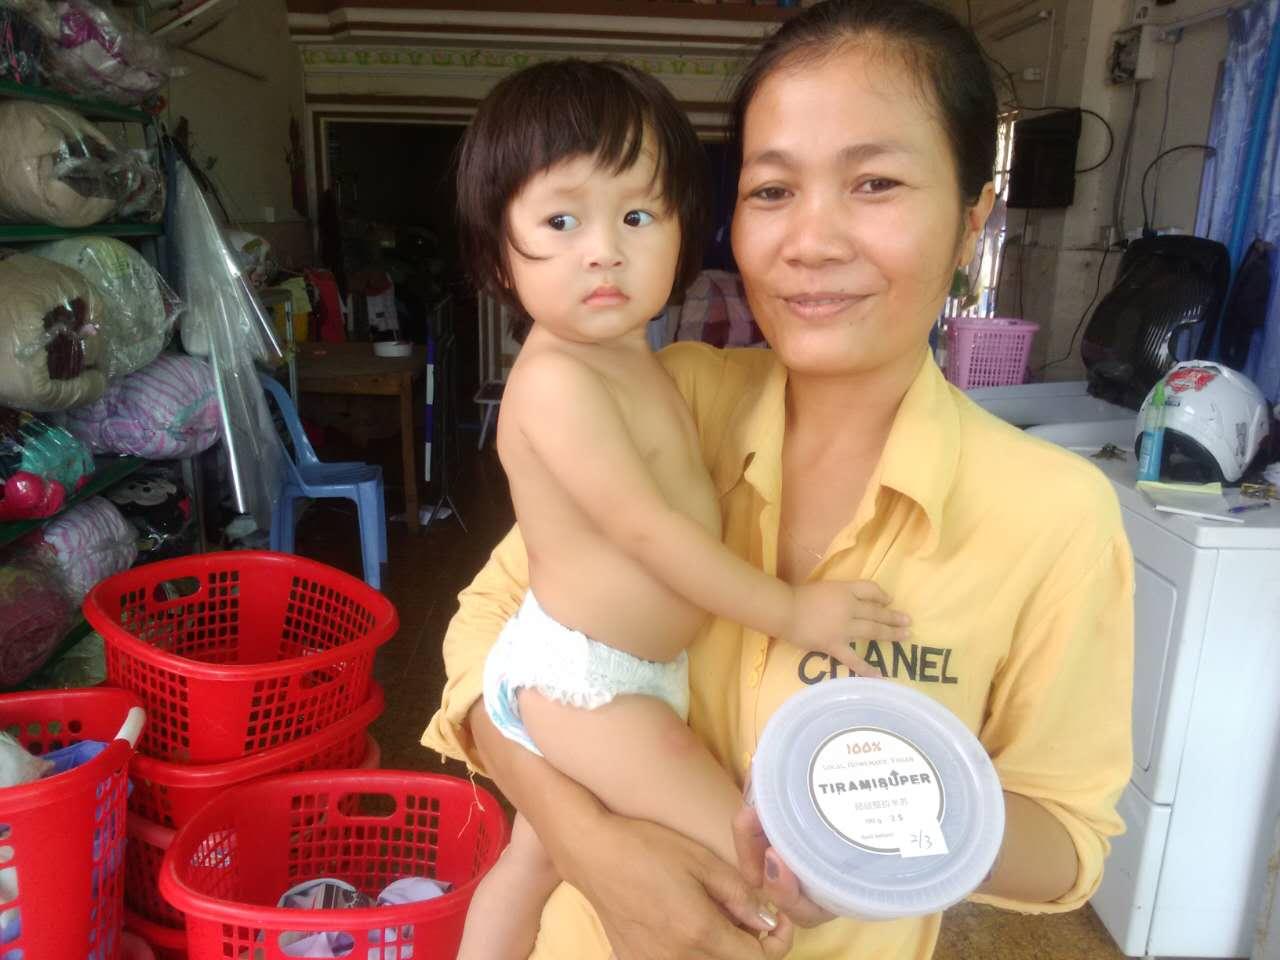 Tiramisuper Cambodia